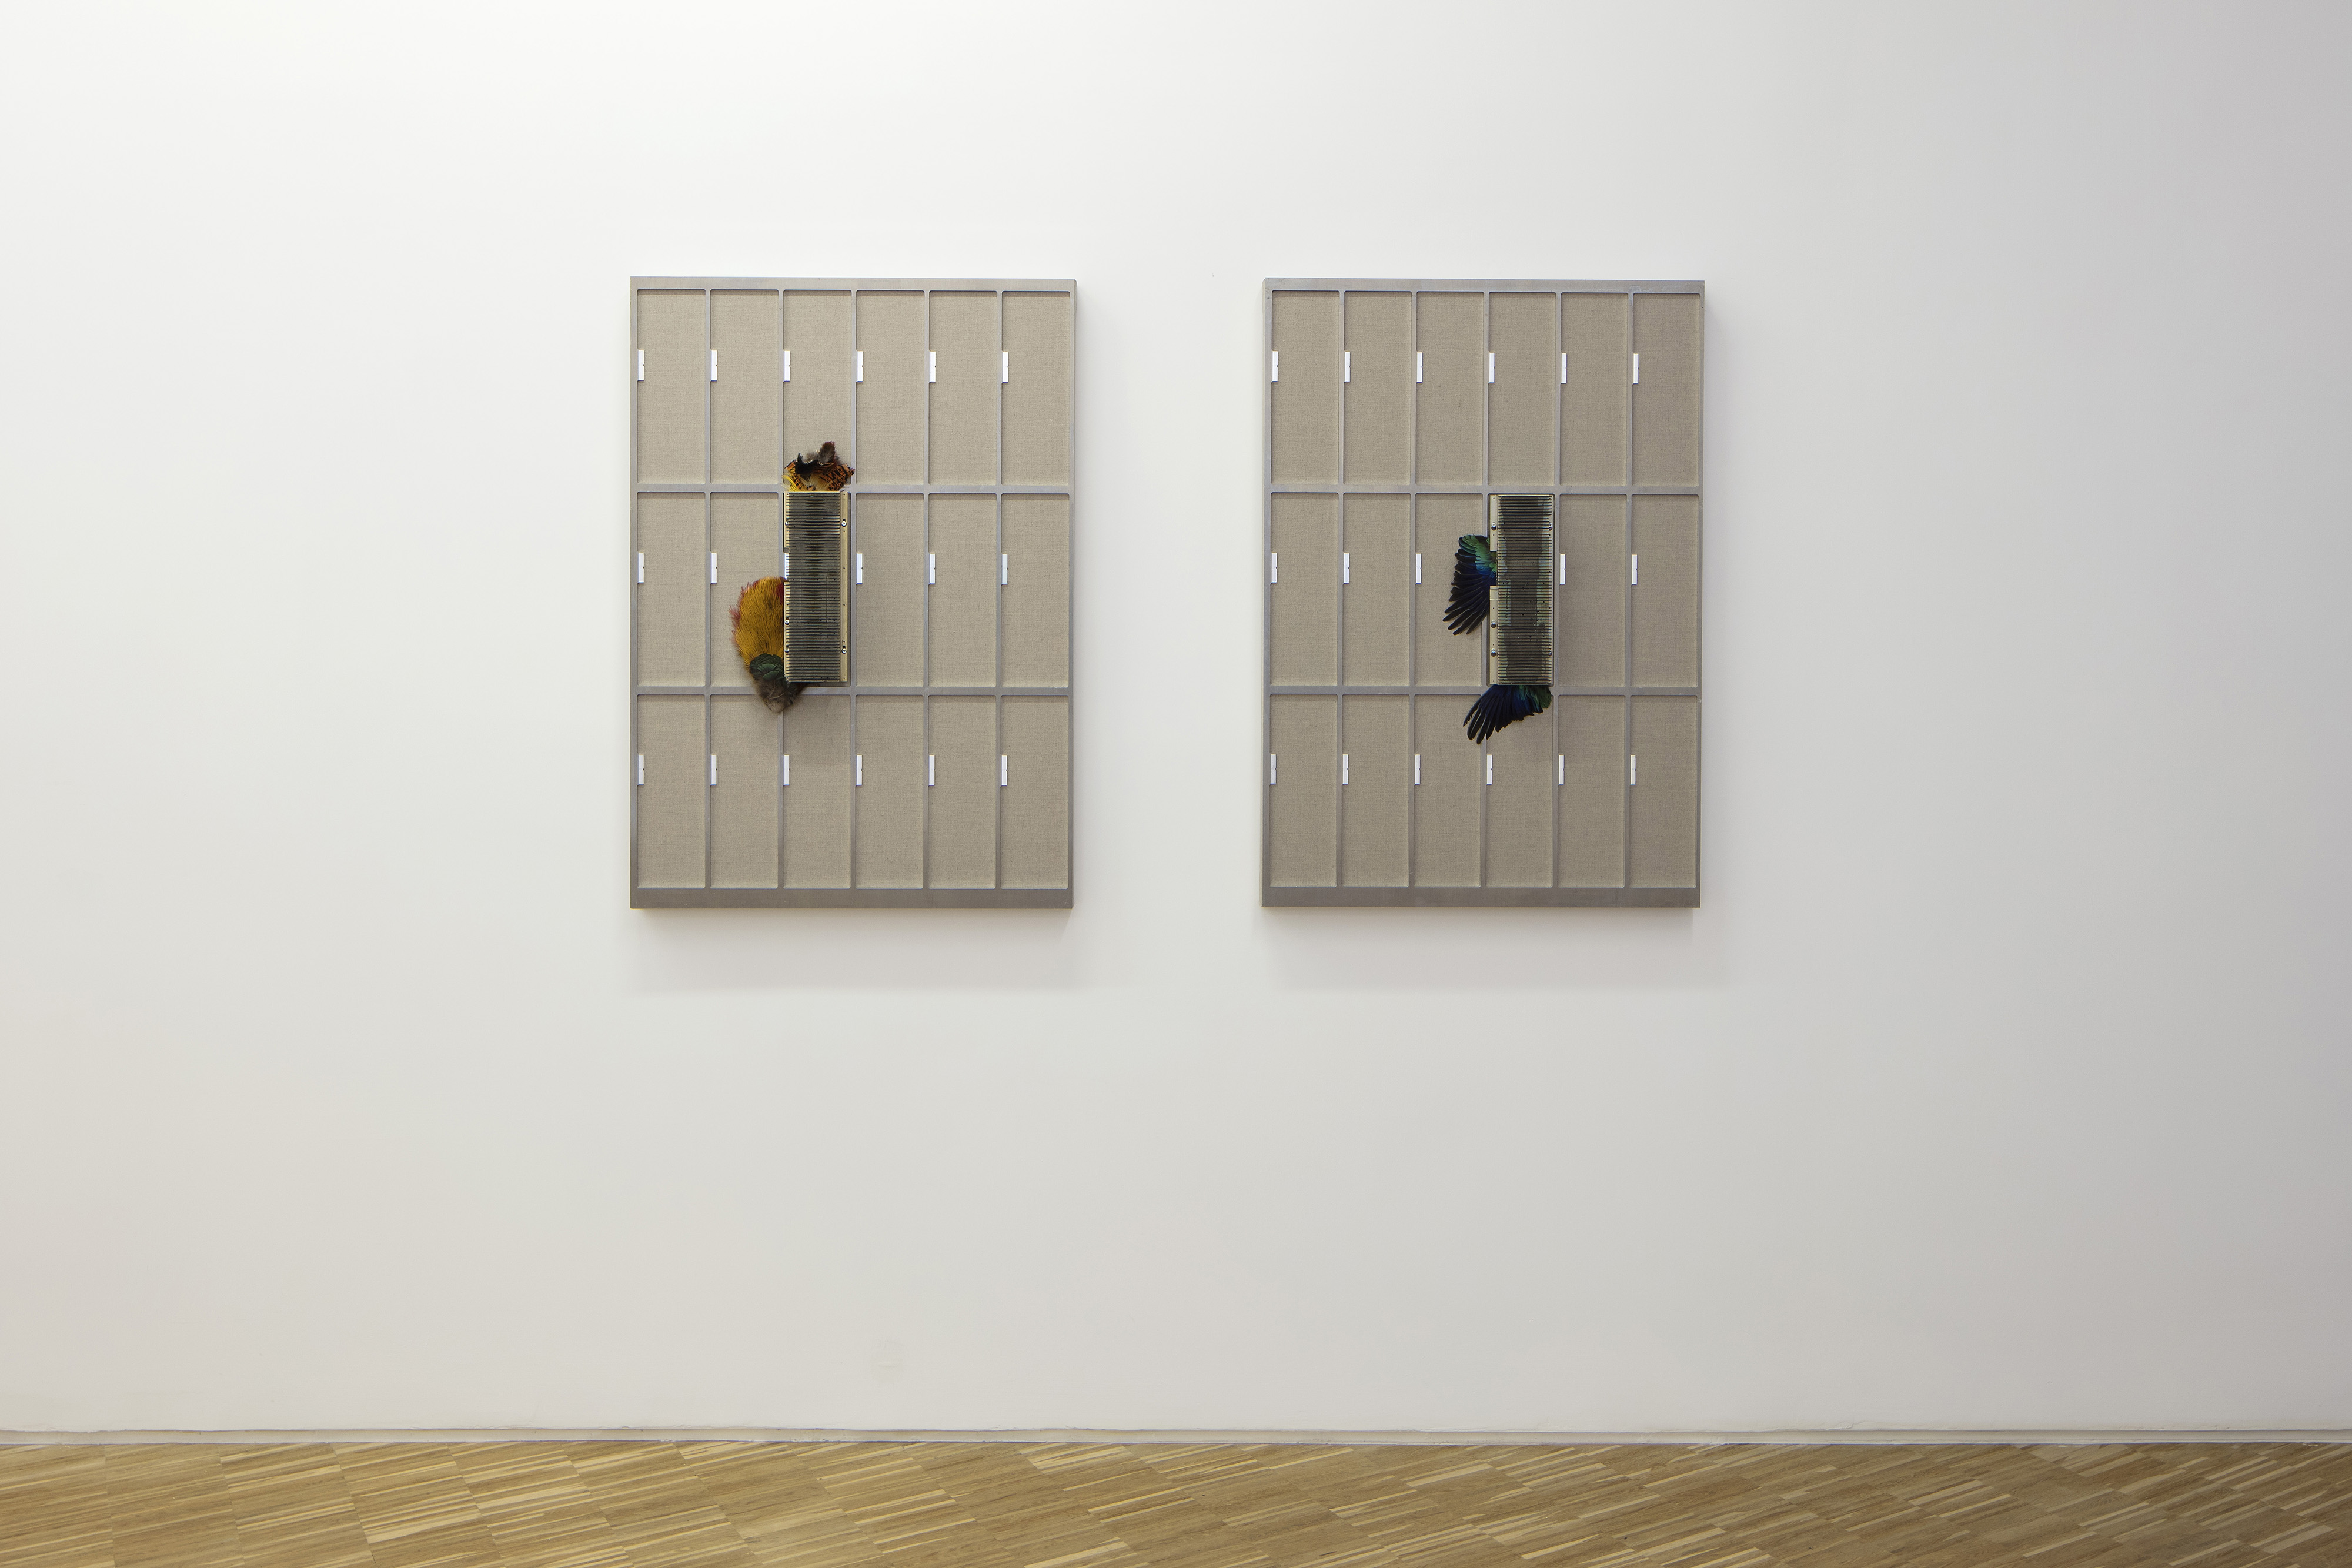 """Exhibition view of """"Questo progetto non ha un futuro"""" - 2017 - Galleria Raucci/Santamaria Napoli – 2017 – C.sy Galleria Raucci/Santamaria Napoli/Milano – Foto Amedeo Benestante Napoli"""